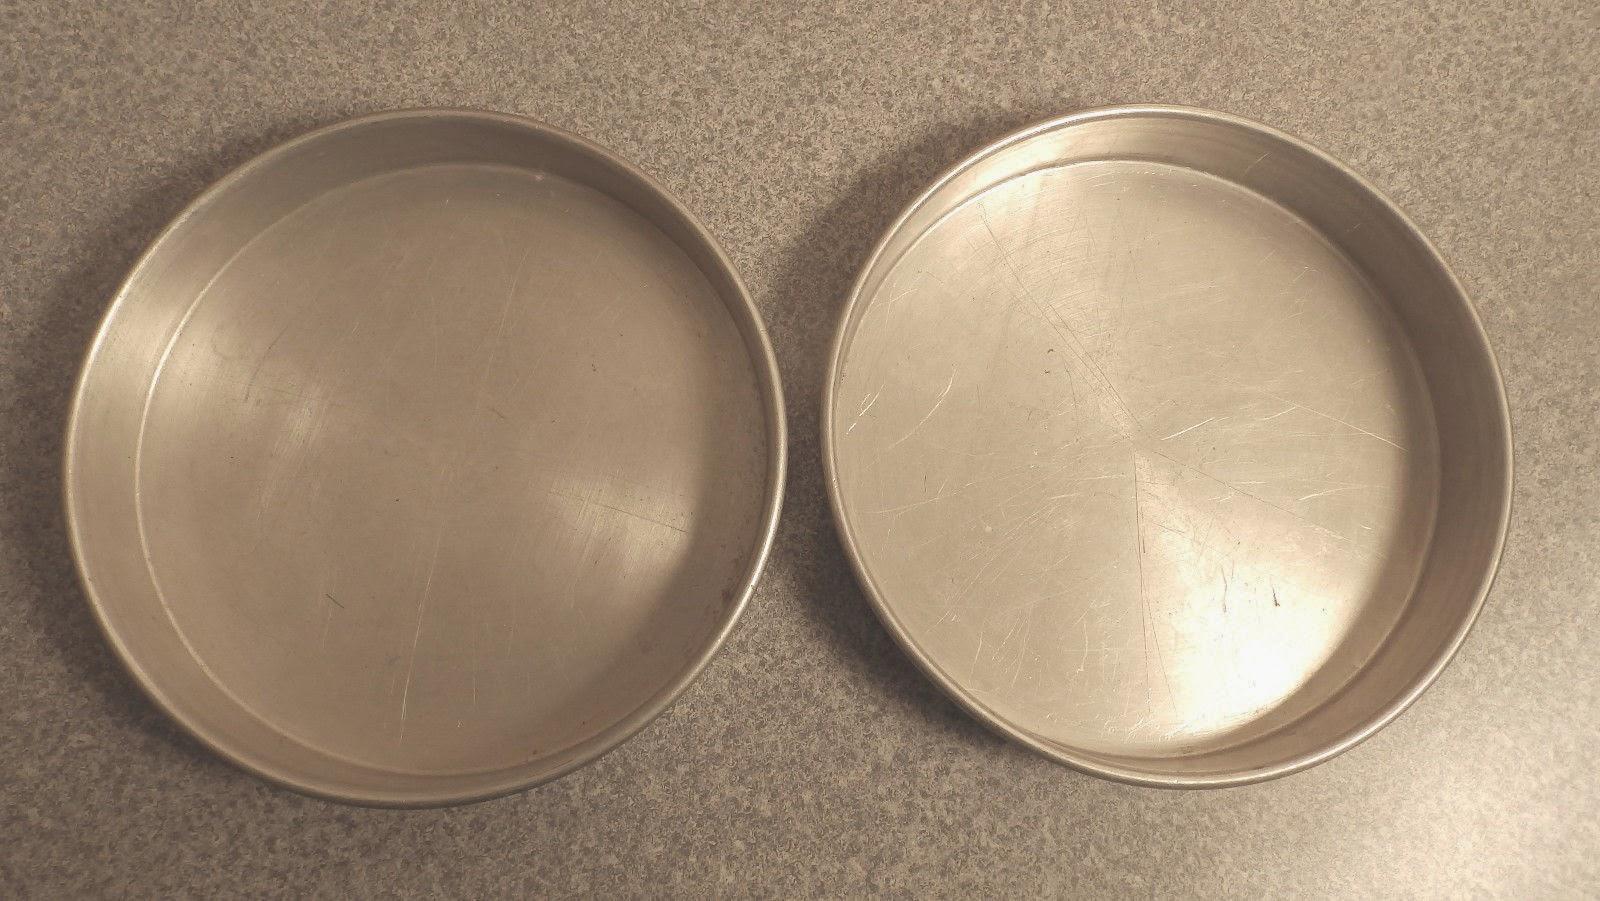 http://www.ebay.com/itm/2-Mirro-aluminum-cake-pans-8-337M-/321692552054?pt=LH_DefaultDomain_0&hash=item4ae65ecb76